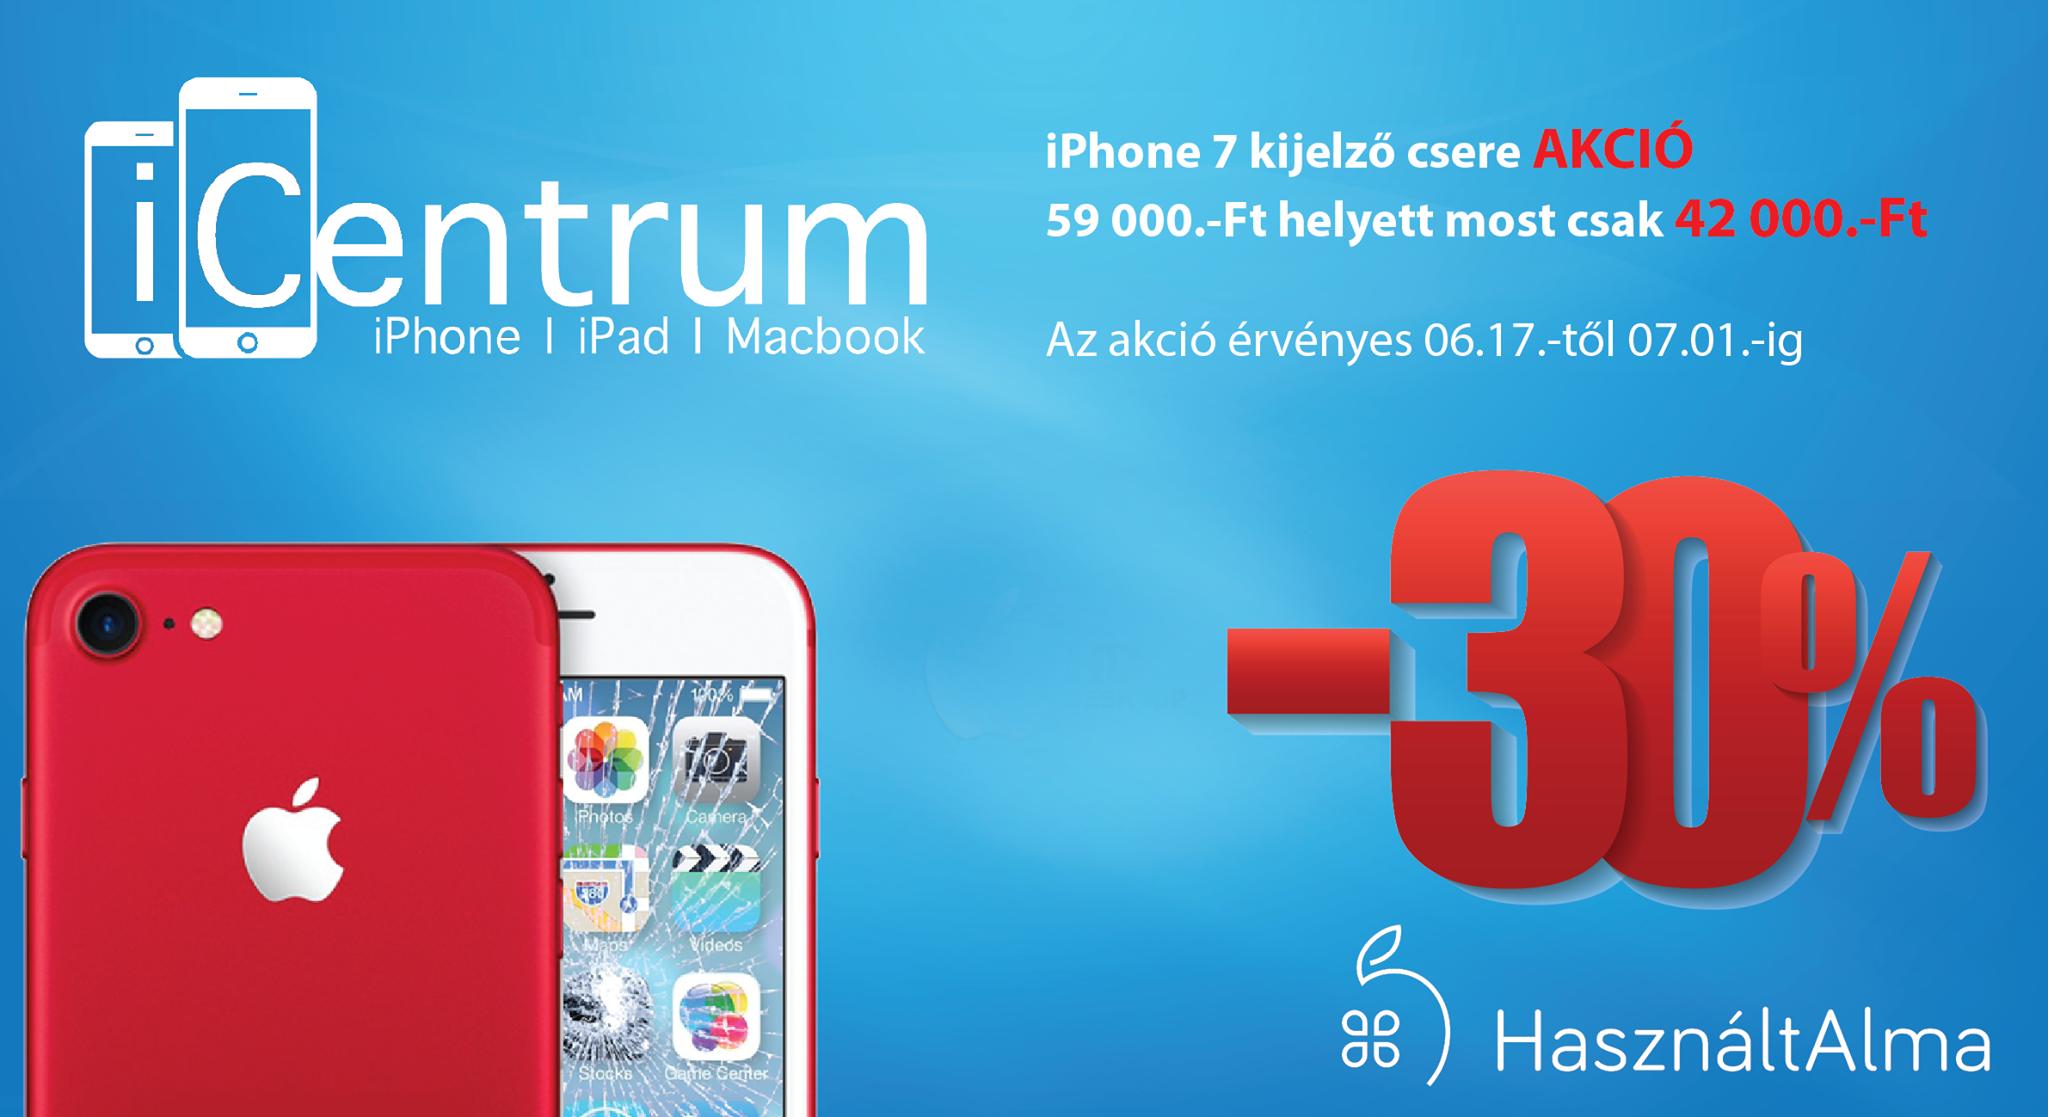 iPhone 7 kijelző csere akció az iCentrum-nál